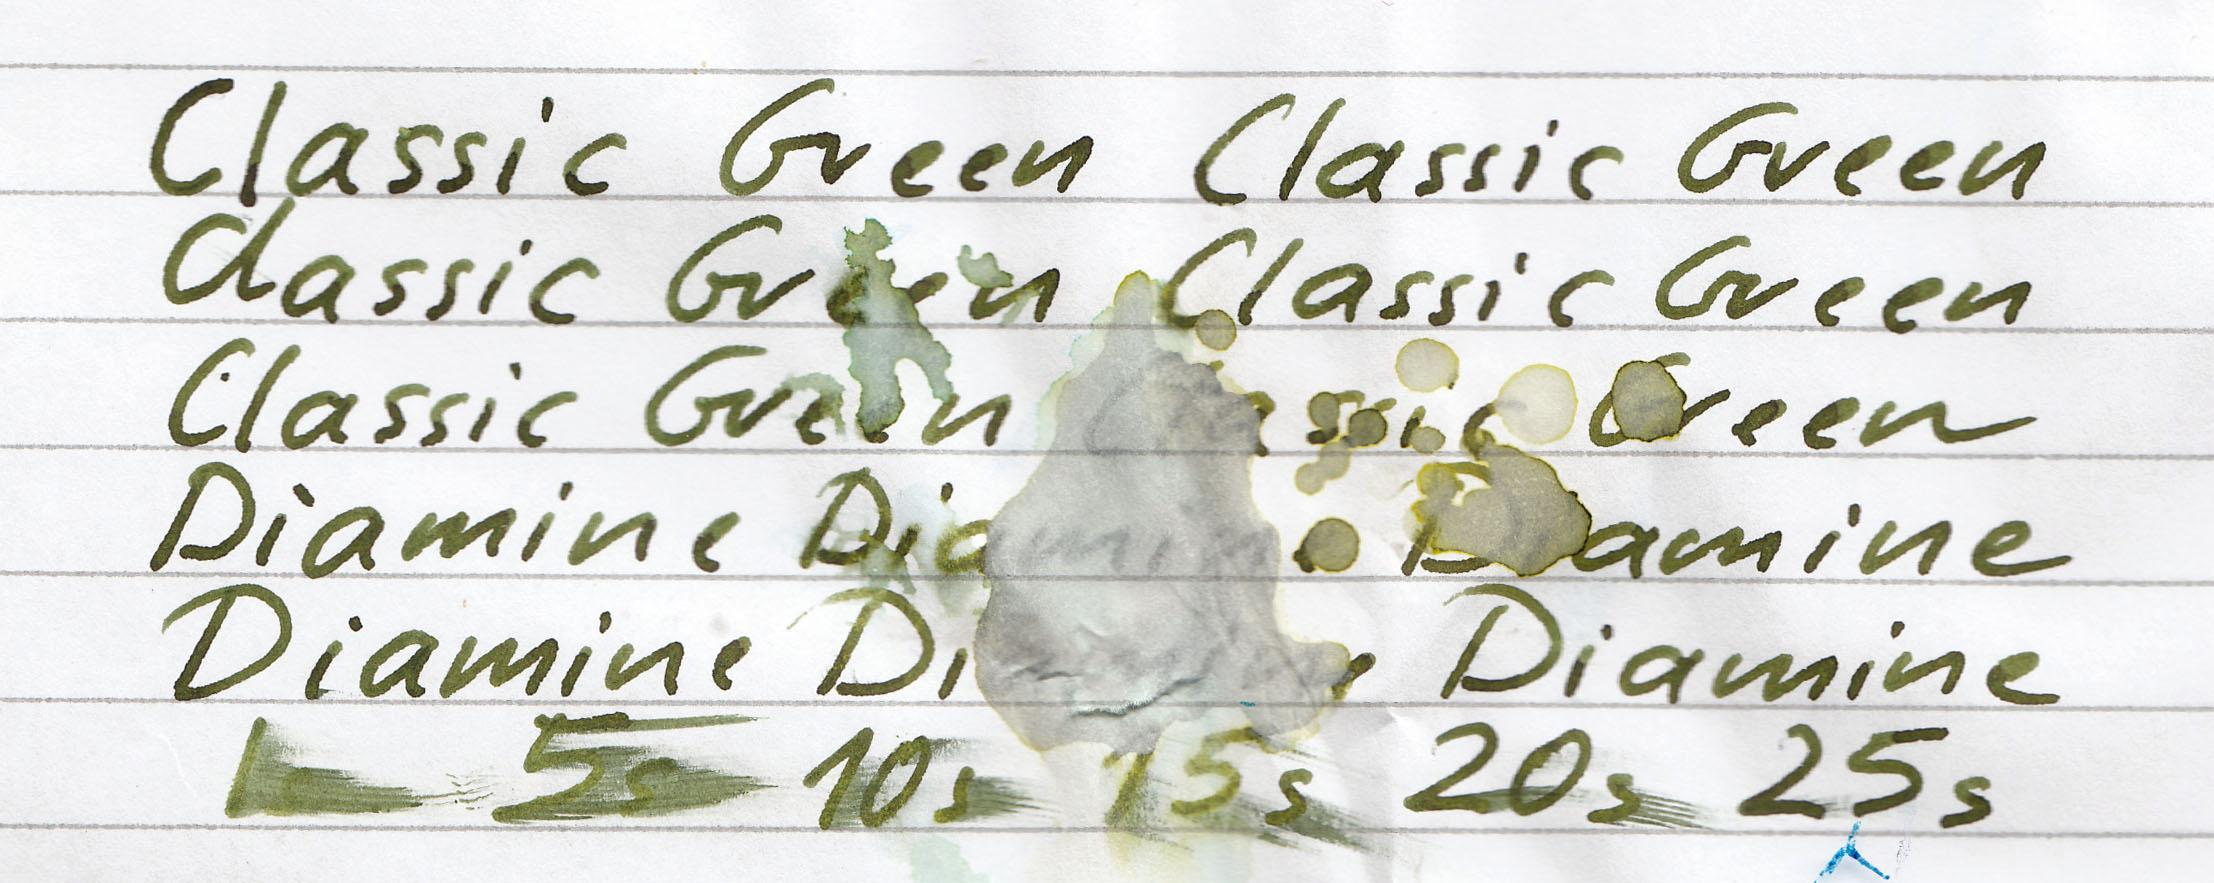 fpn_1463166500__classicgreen_diamine_h2o